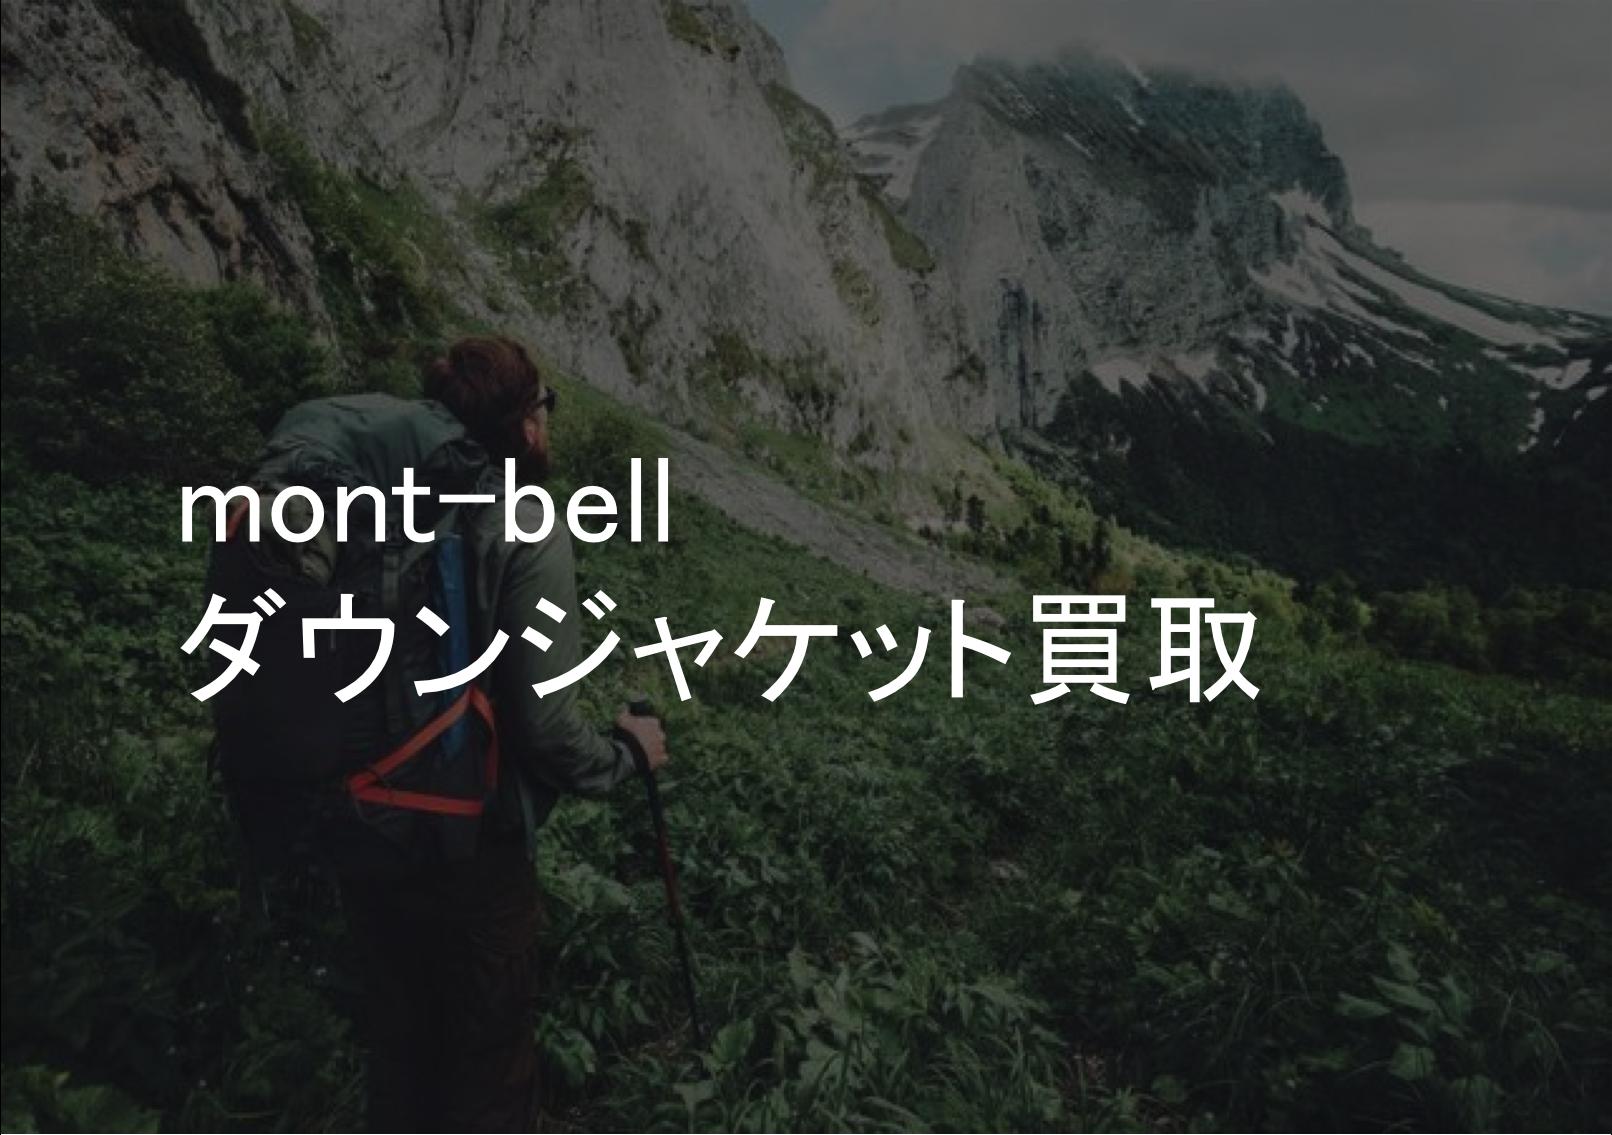 mont-bell(モンベル)ダウンジャケット買取なら